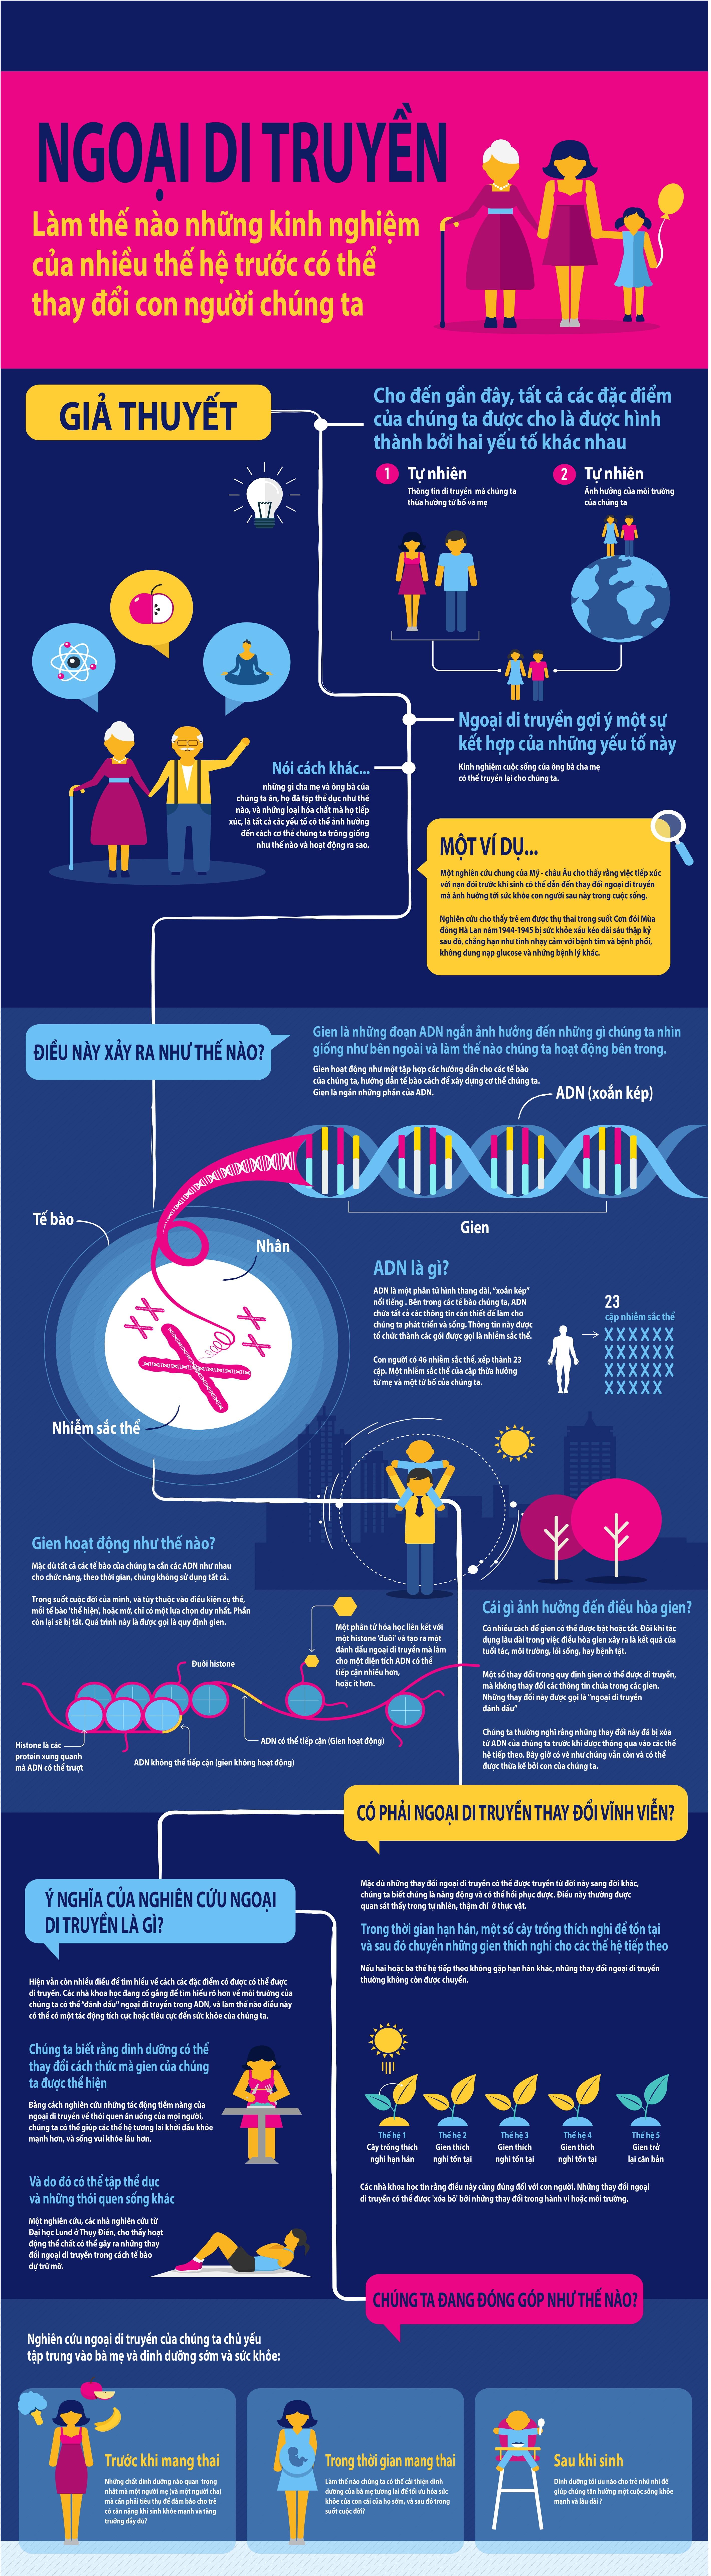 Ngoại di truyền giữa các thế hệ